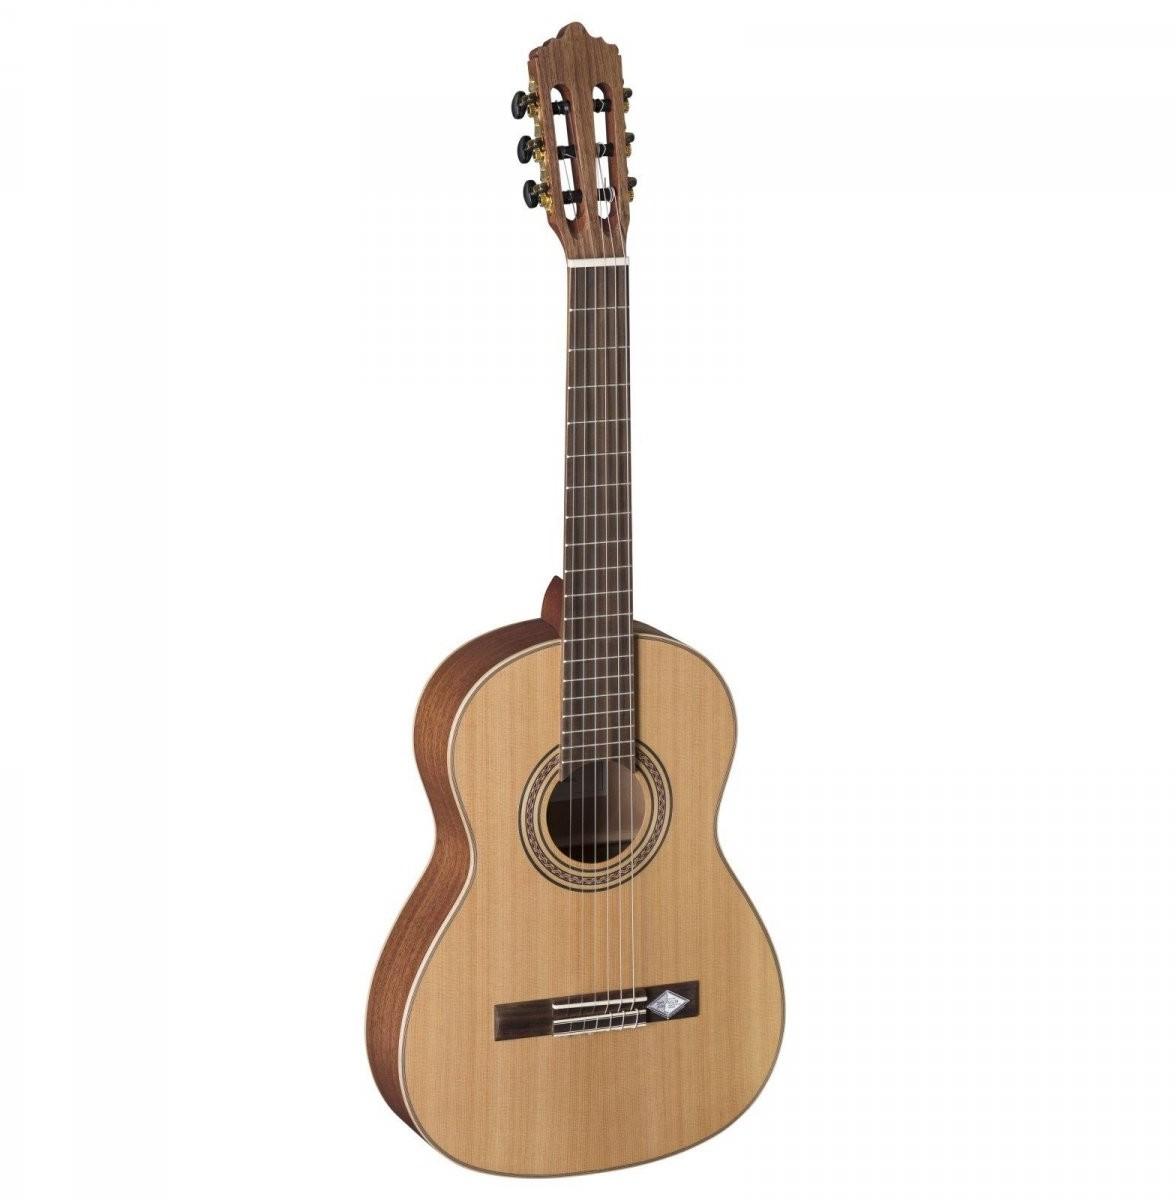 La Mancha RUBI CM/59-L gitara klasyczna 3/4 leworęczna